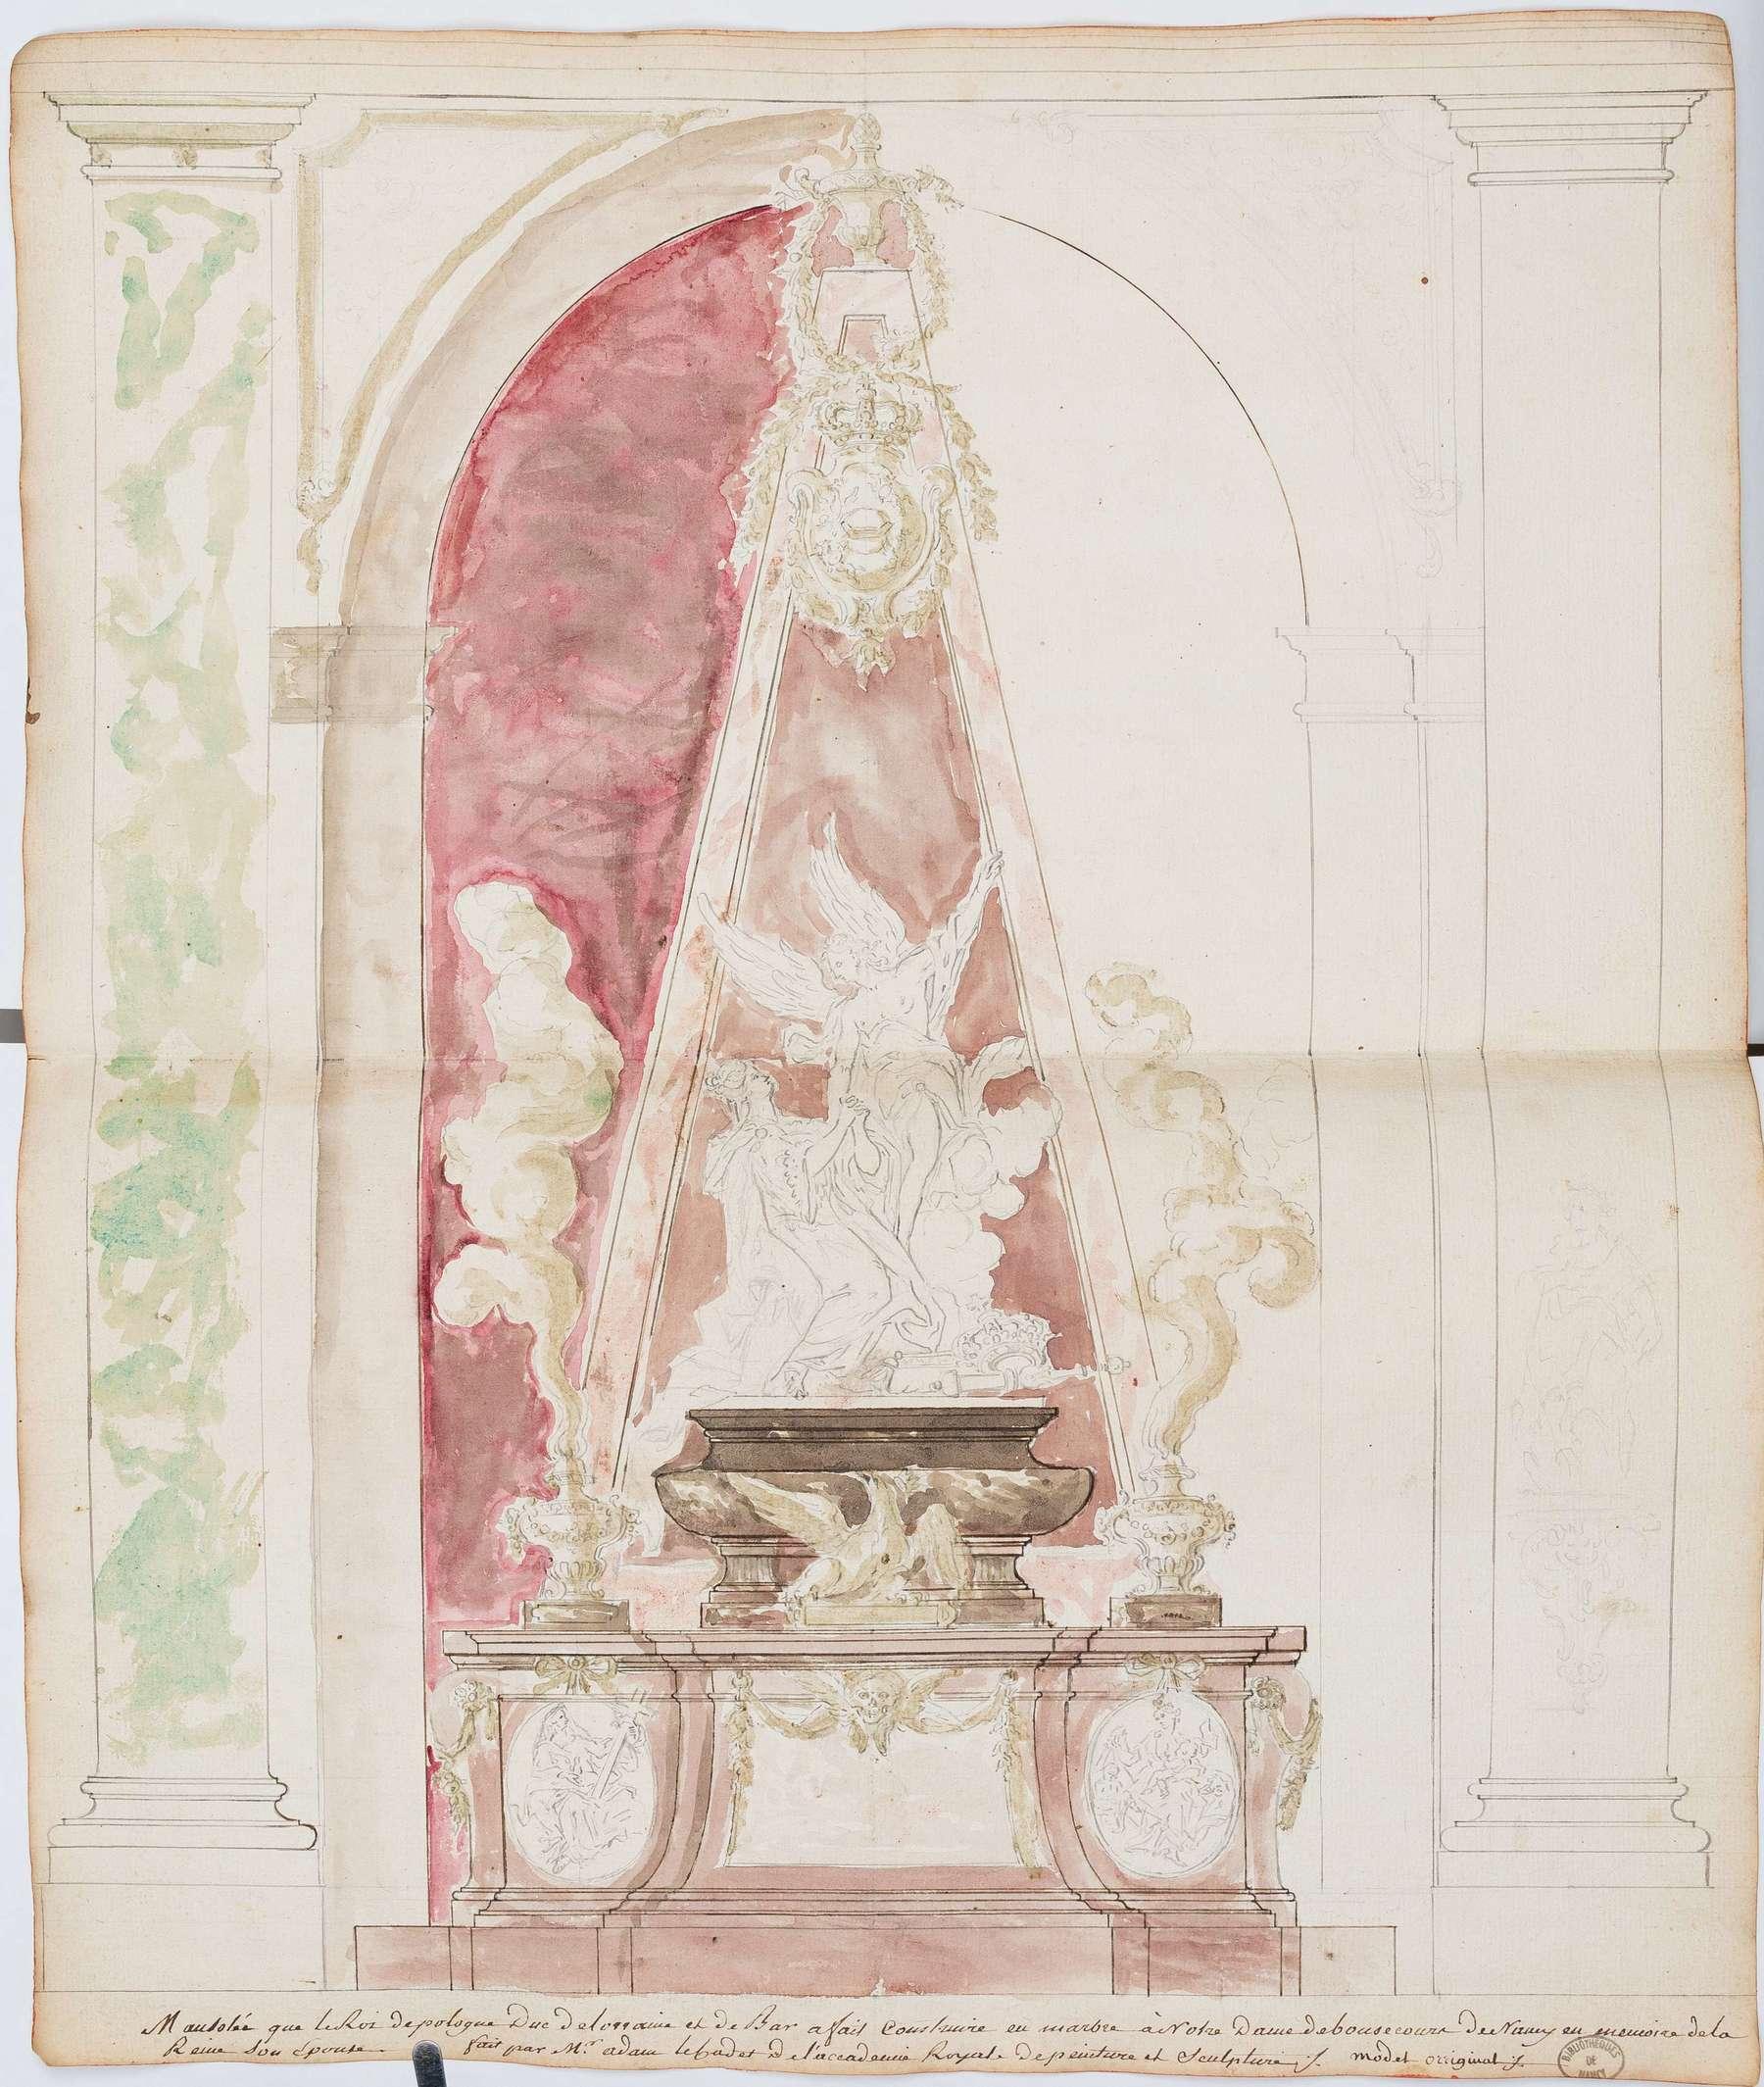 Contenu du Mausolée que le Roi de Pologne Duc de Lorraine et de Bar a fait construire en marbre à Notre Dame de Bonsecours de Nancy en mémoire de la Reine son épouse